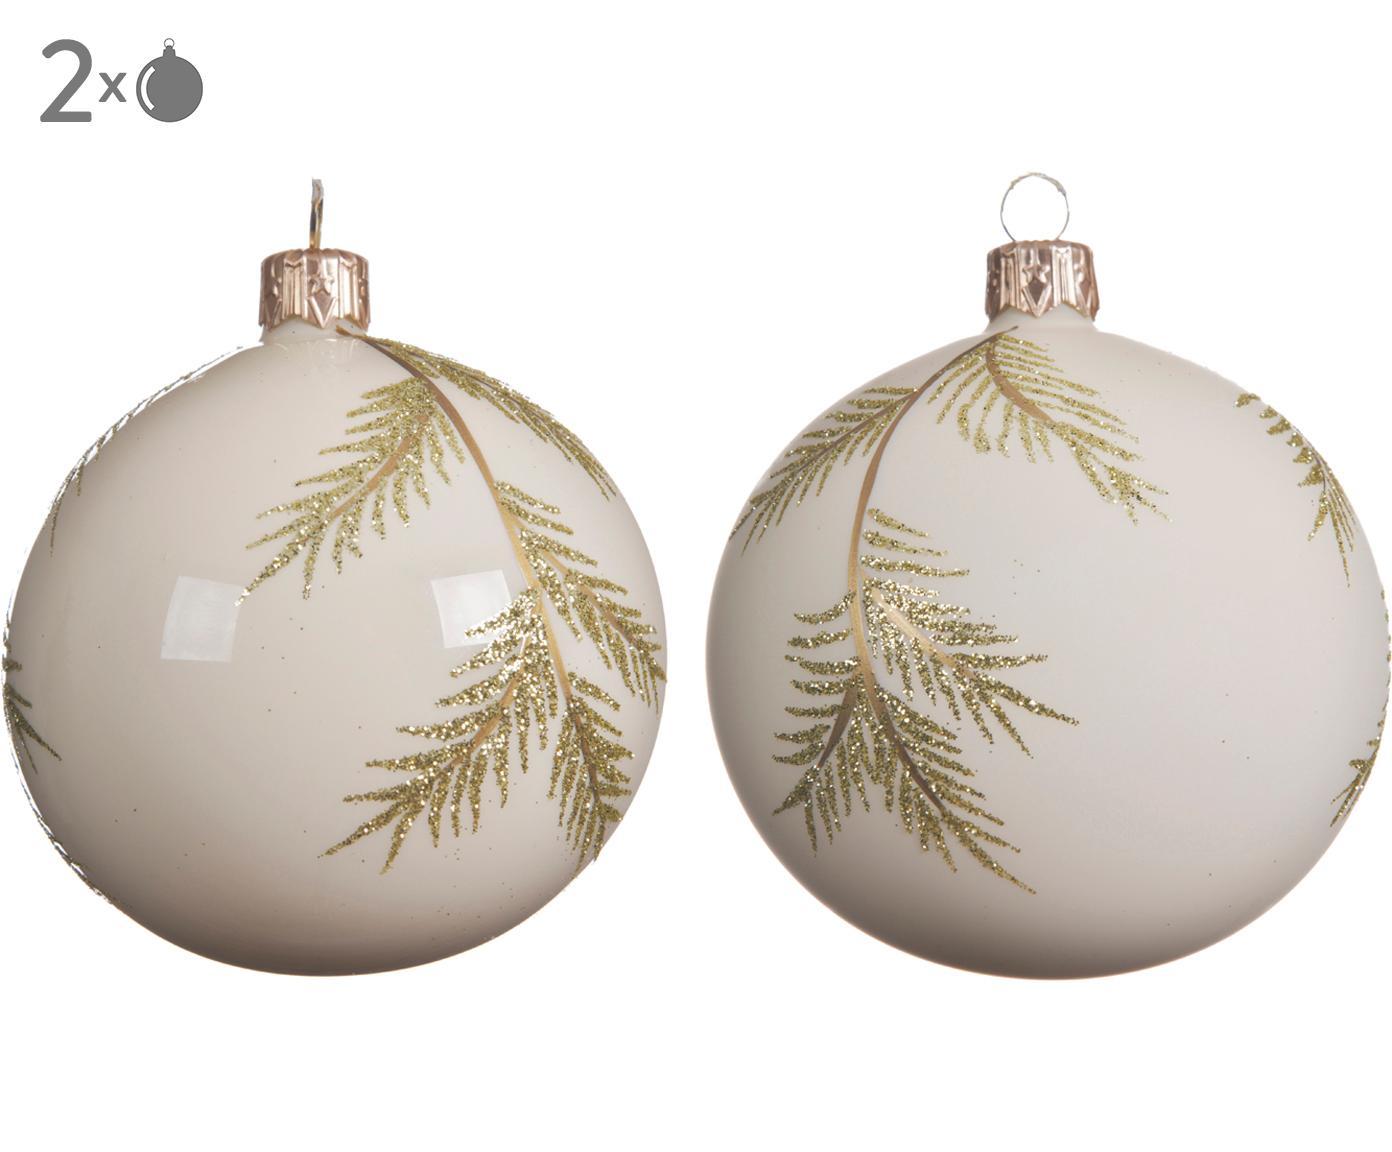 Kerstballenset Zian, 2-delig, Glas, Gebroken wit, goudkleurig, Ø 8 cm